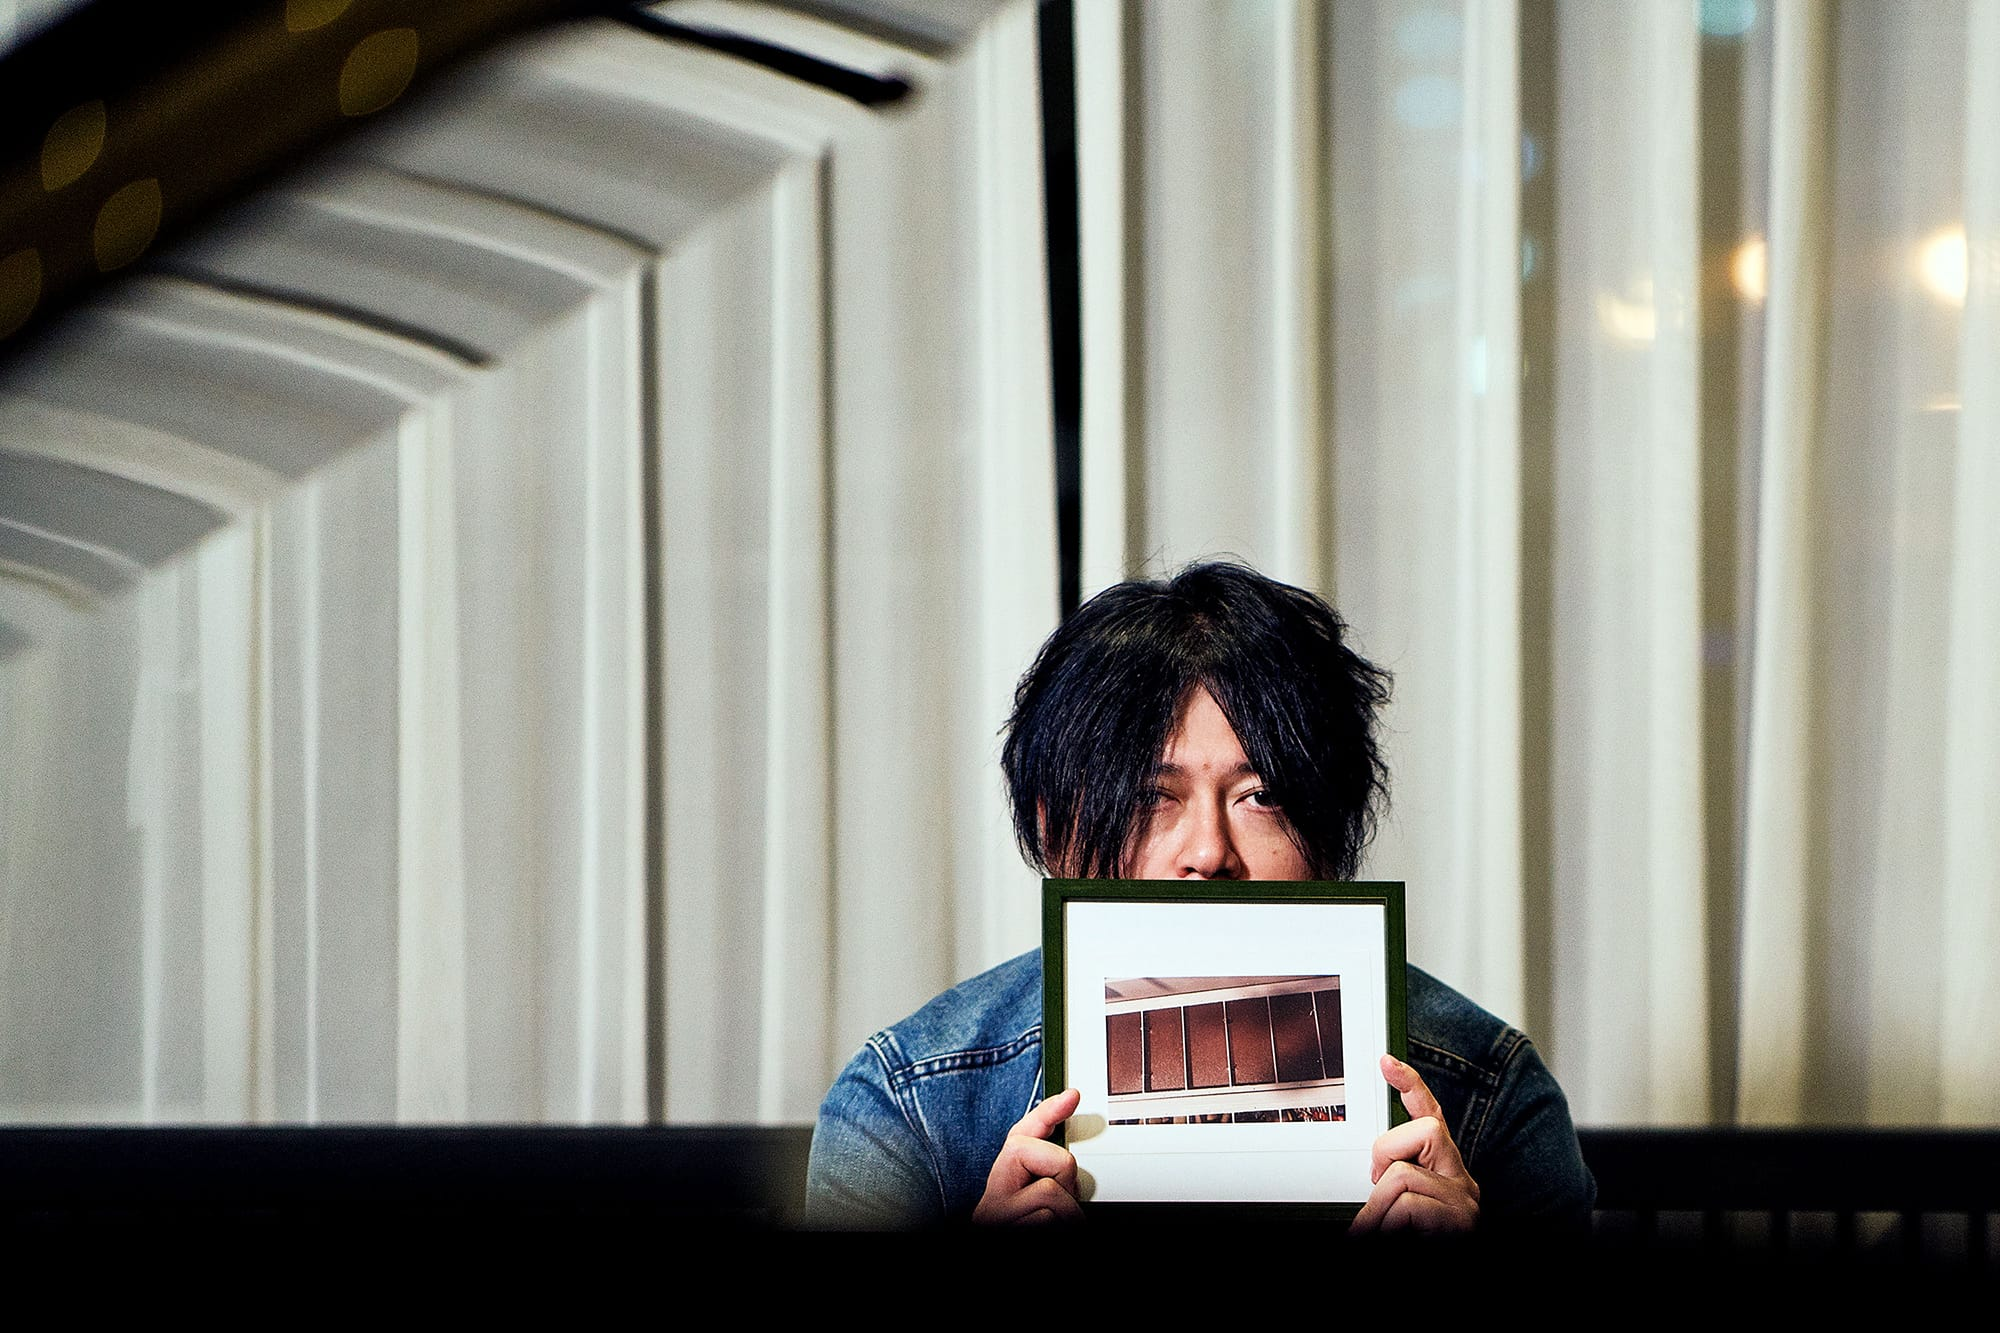 わたしの一枚 vol. 3 渋谷慶一郎 | 渋谷慶一郎01